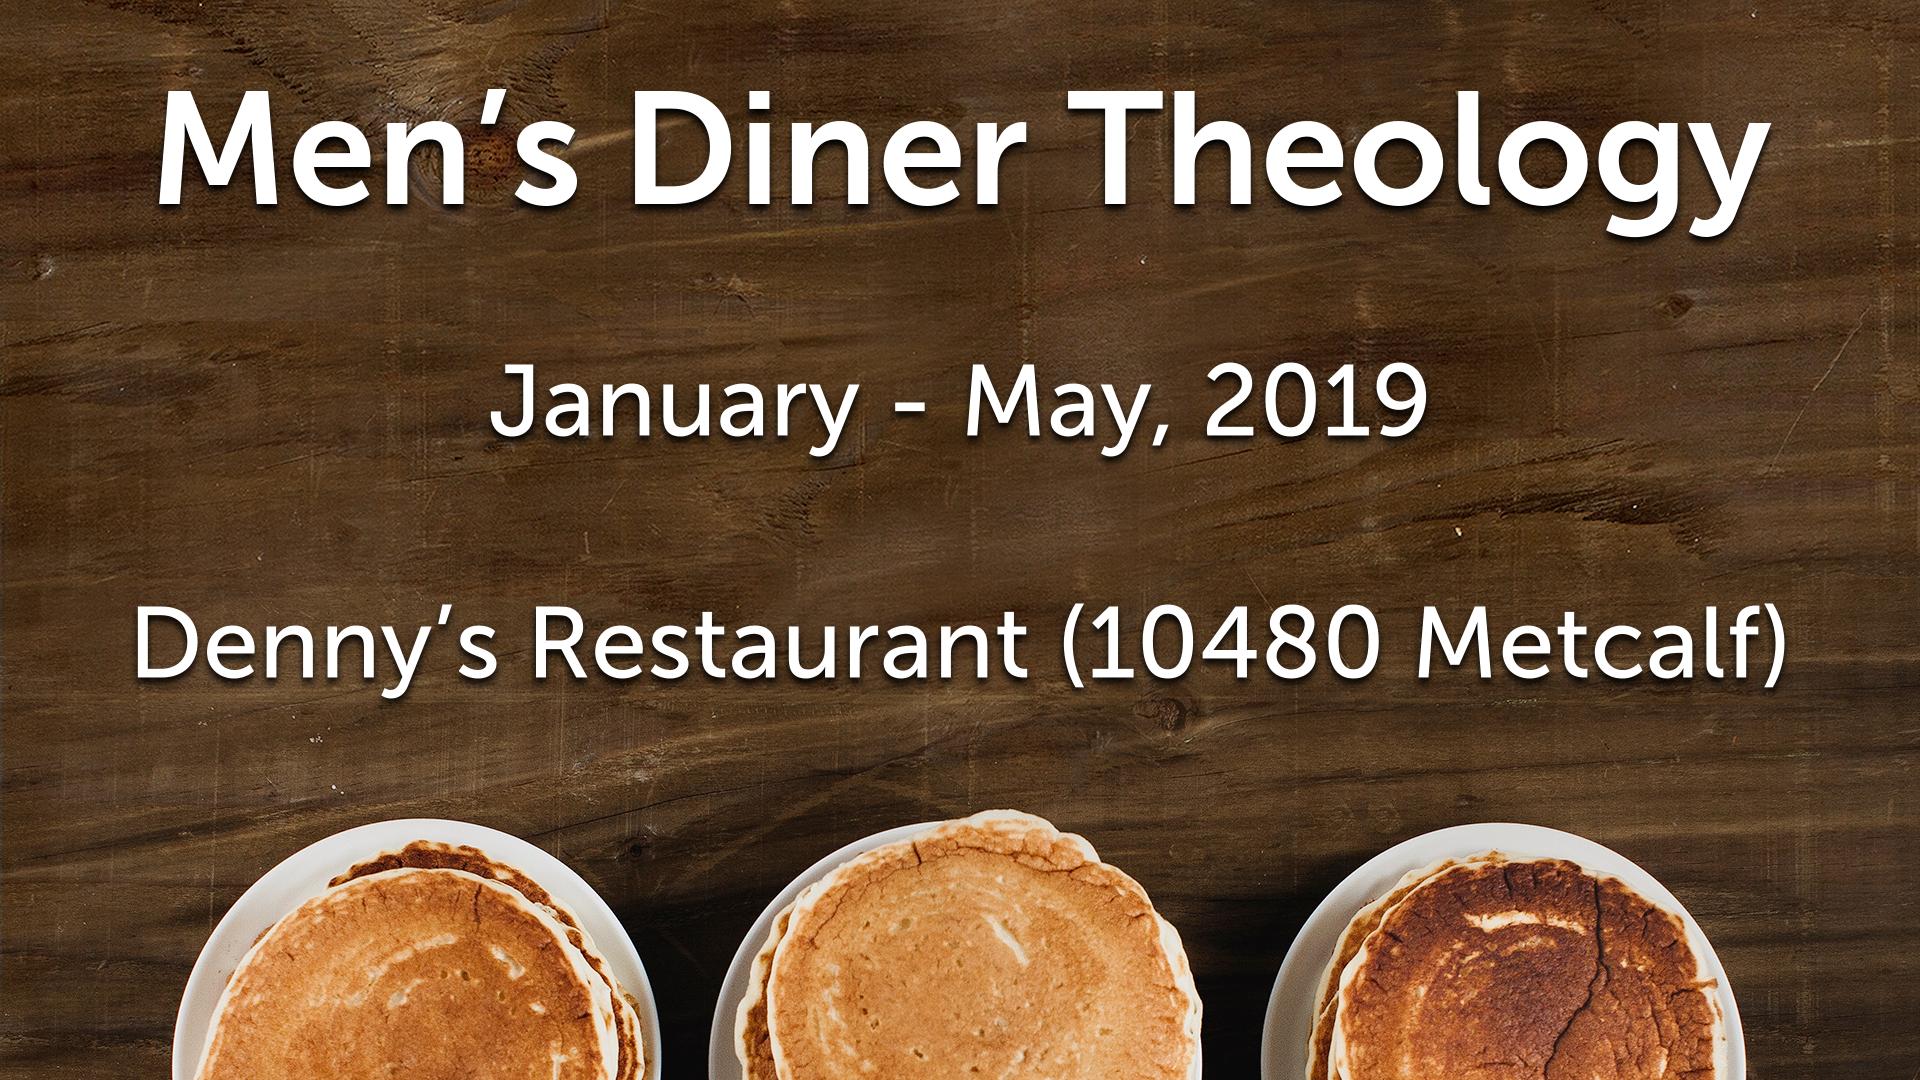 Men's Diner Theology